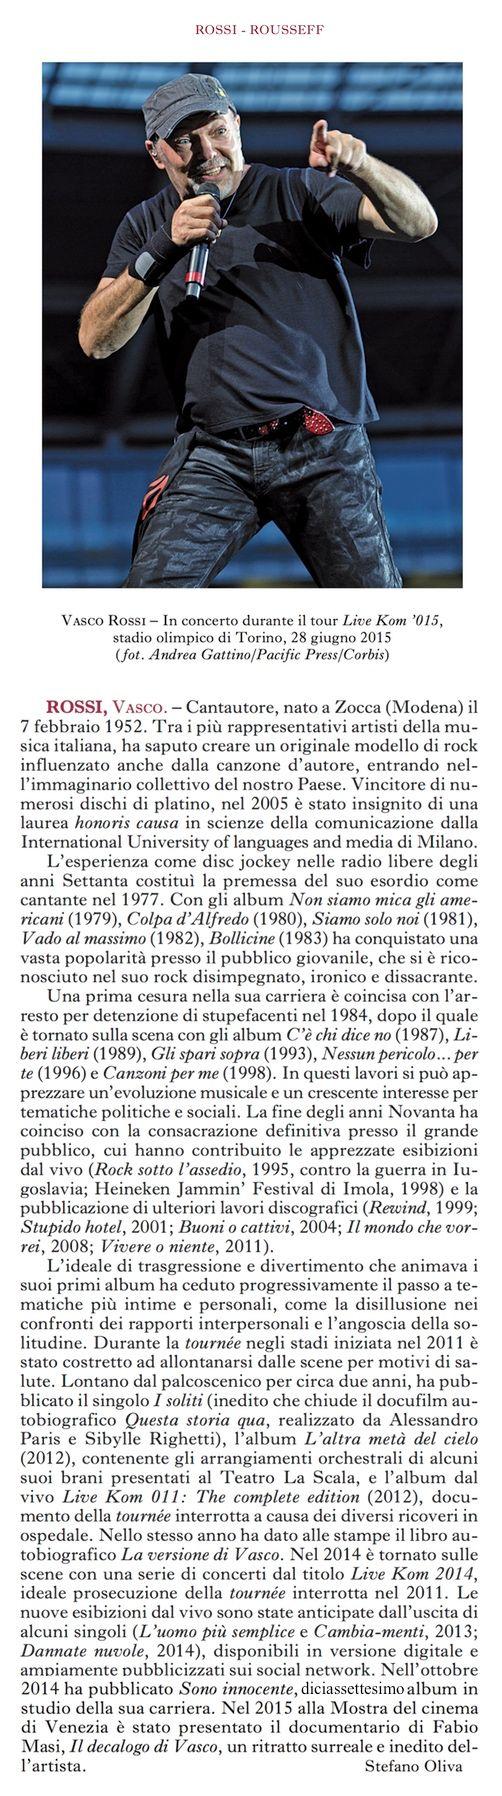 Qui si fa la storia!! ROSSI, Vasco. – Cantautore, nato a Zocca (Modena) il 7 febbraio 1952. Tra i più rappresentativi artisti della musica italiana, ...